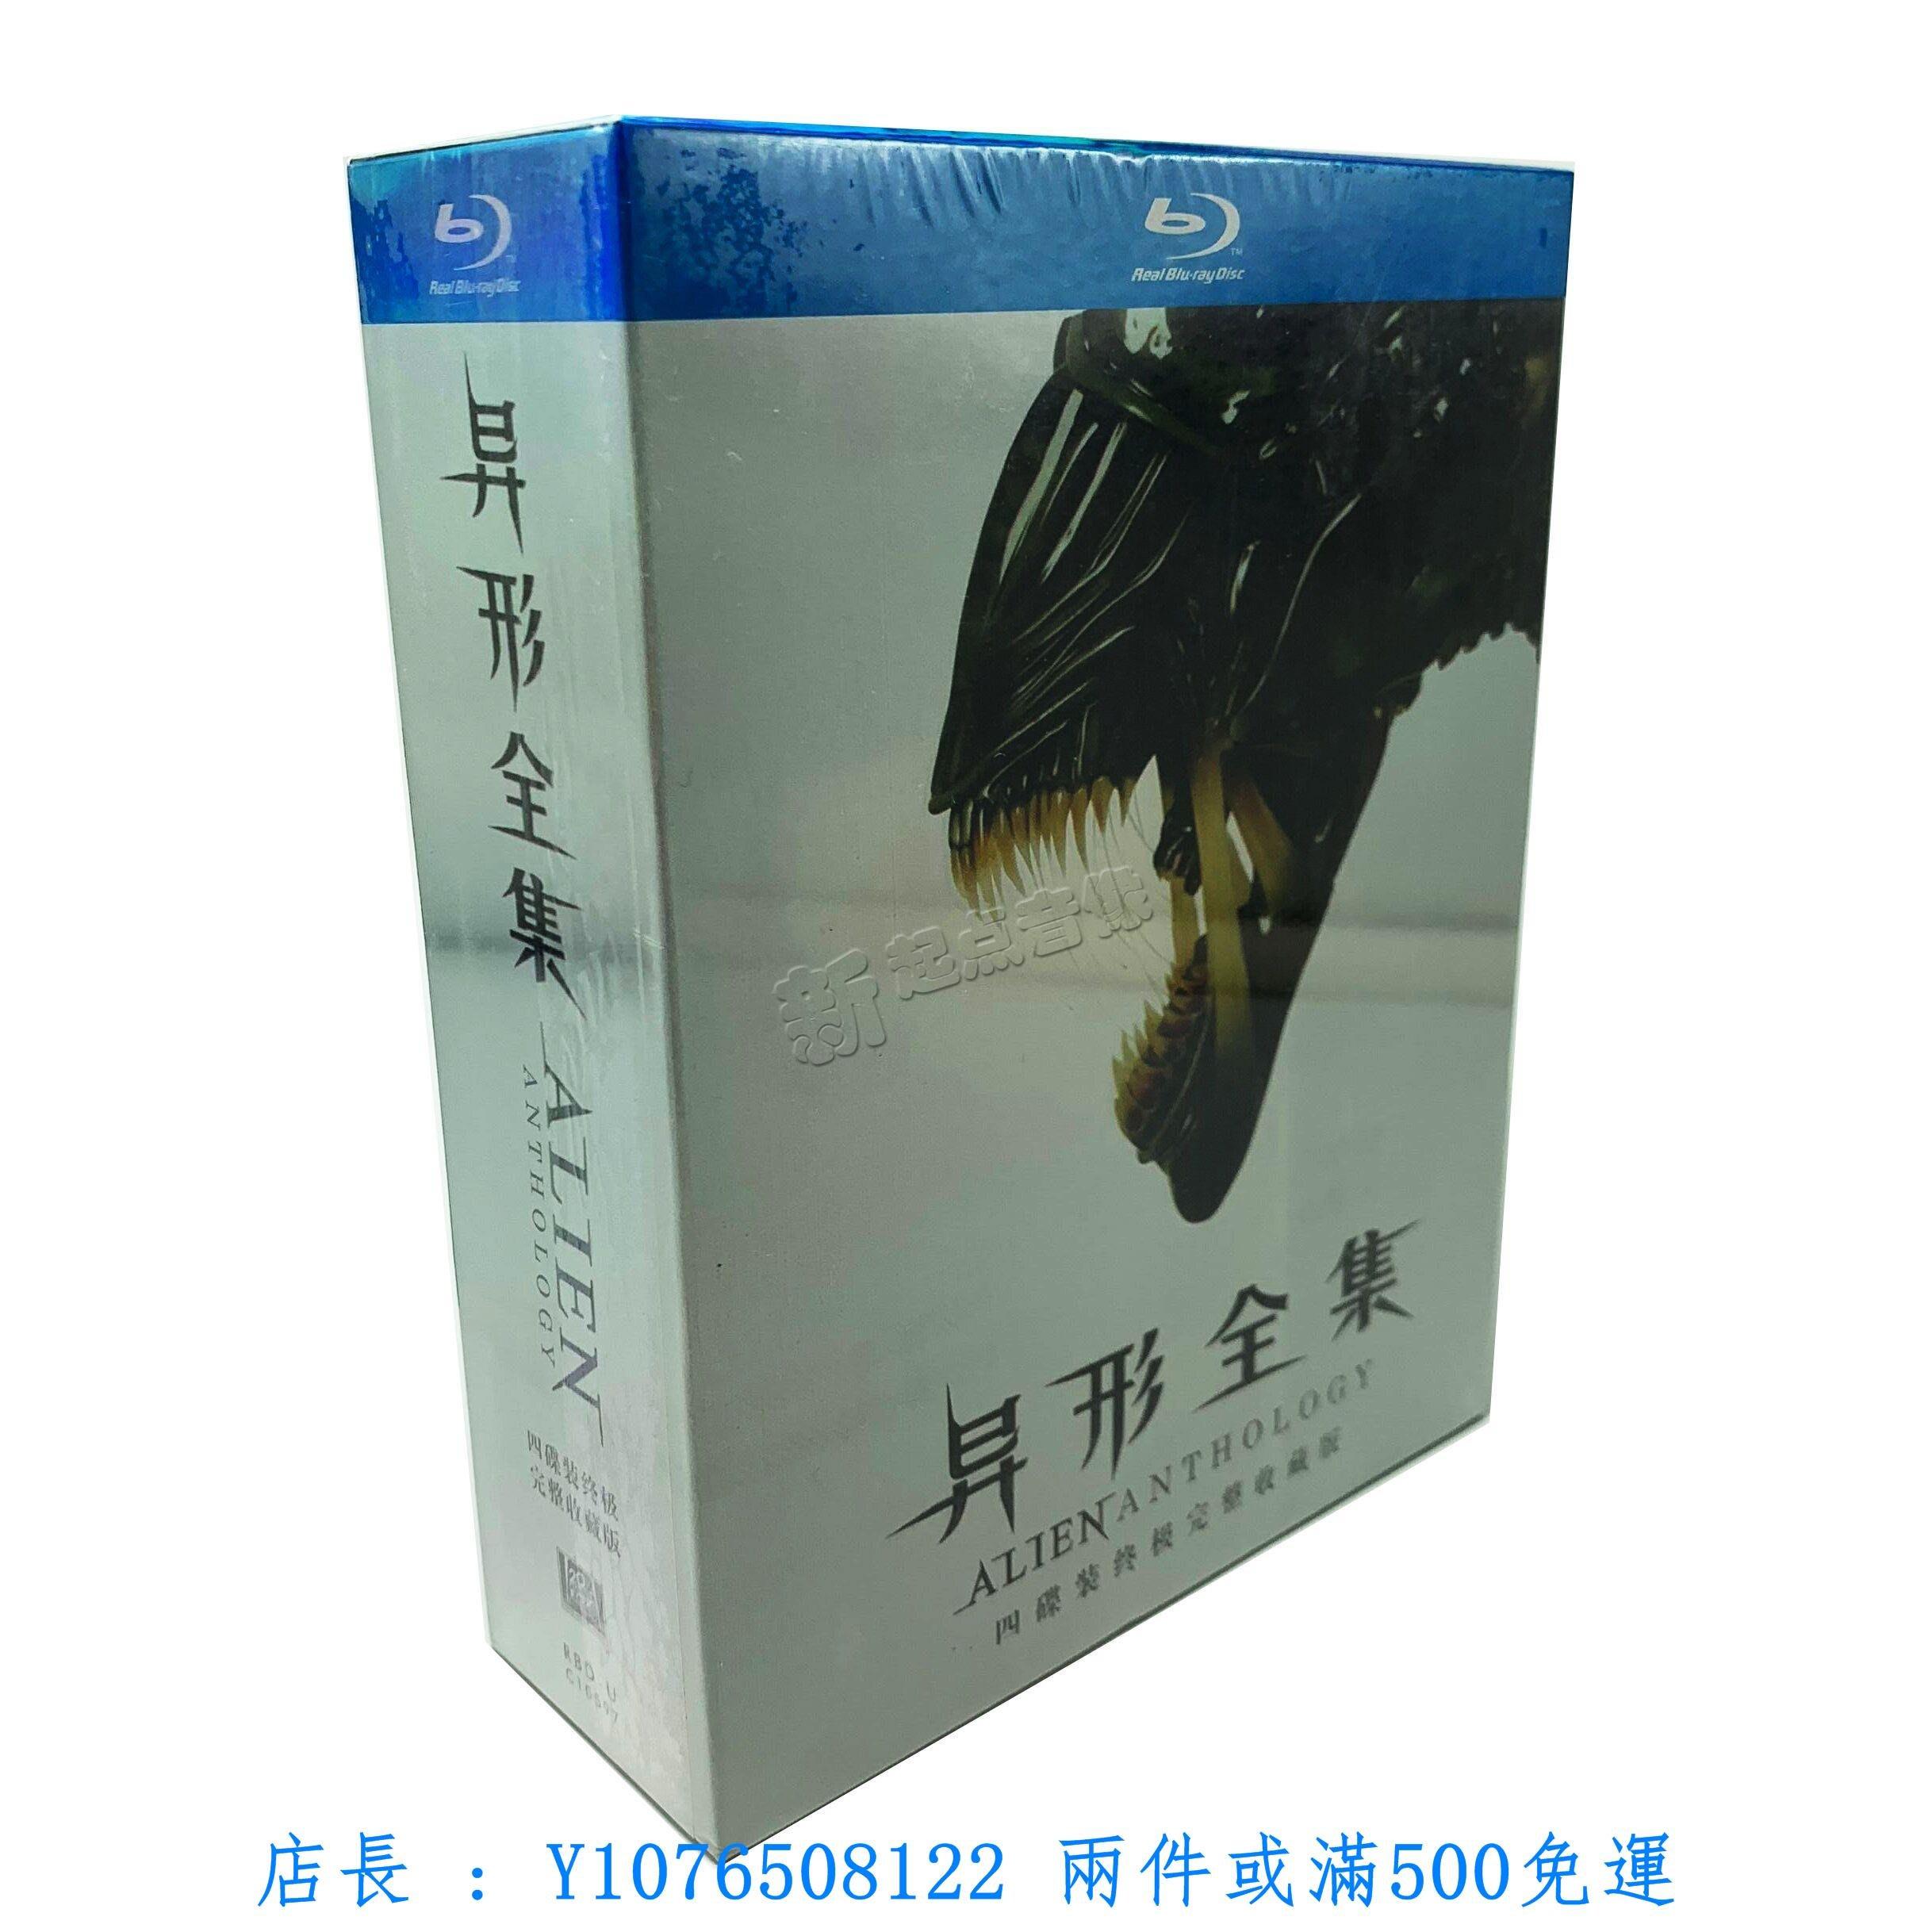 高清DVD 科幻恐怖 電影 異形1-4部電影全集 Alien1080P 收藏版4碟繁體中字 全新盒裝雅慈店